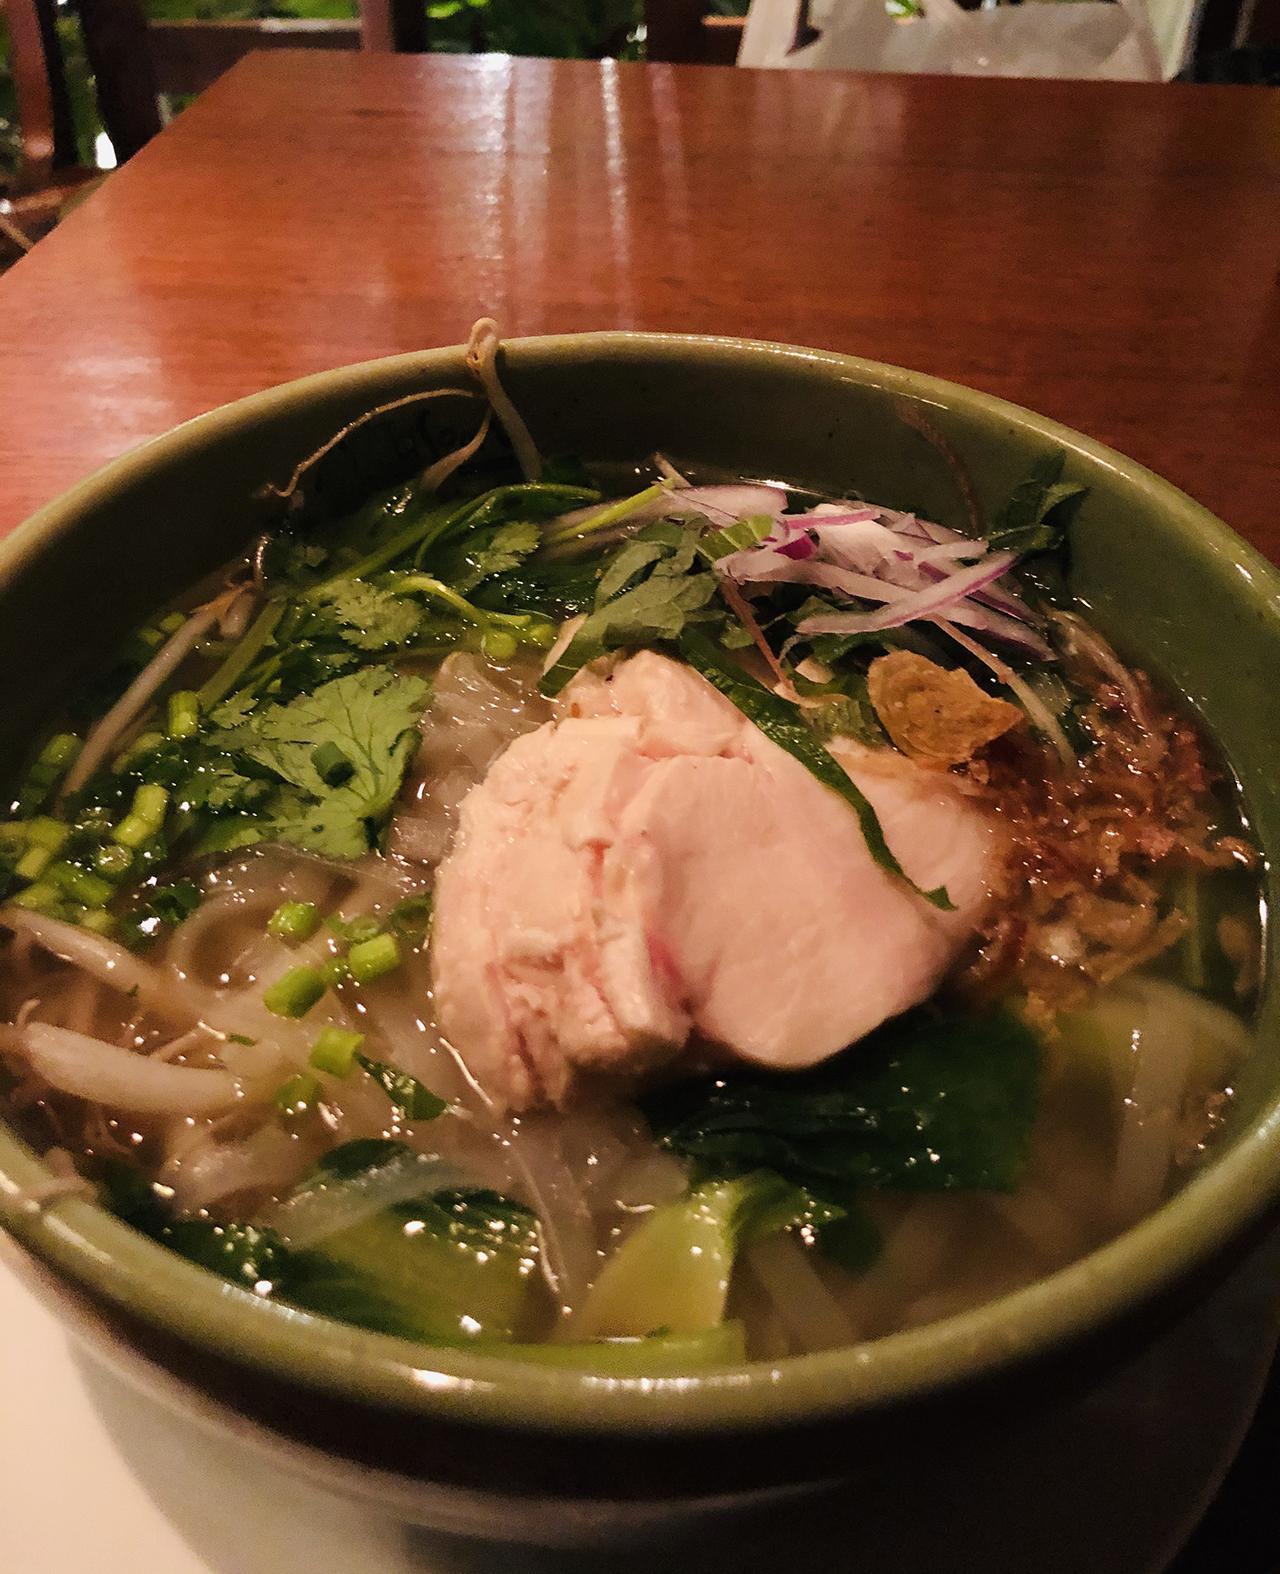 鶏肉と香味野菜のベトナムフォーの写真